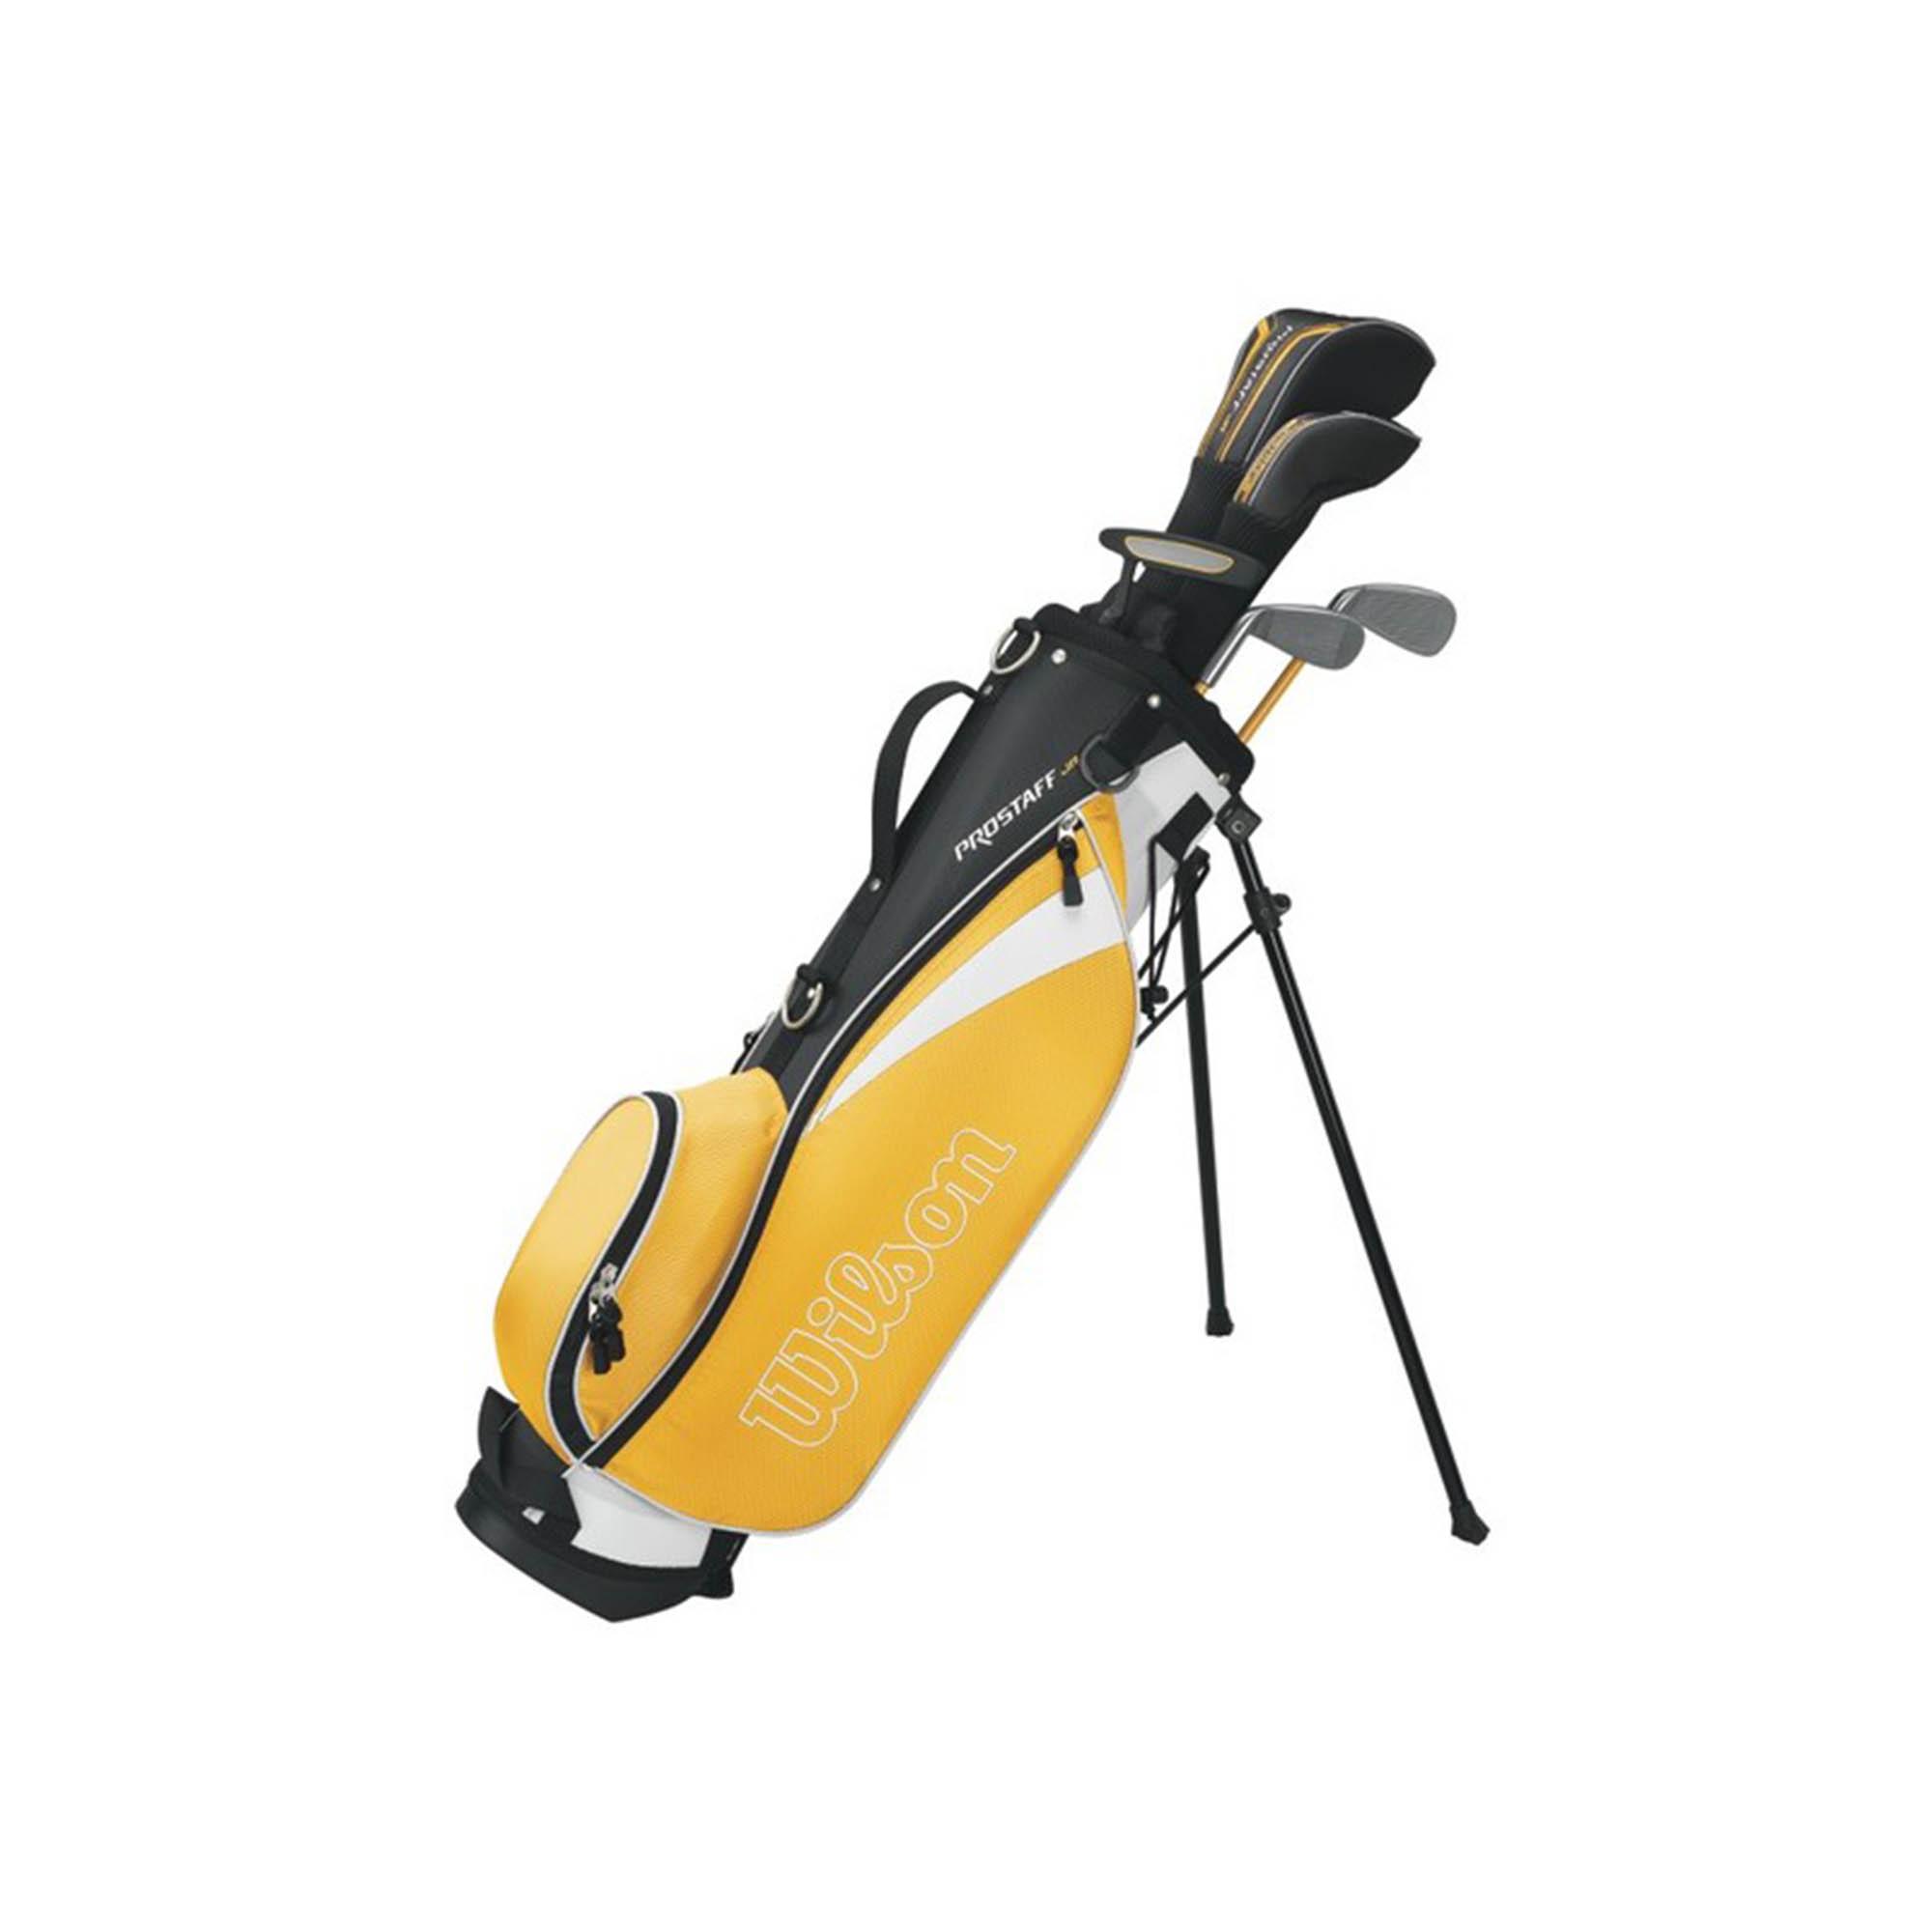 Wilson ProStaff HDX Junior 811 Years Golf Package Set